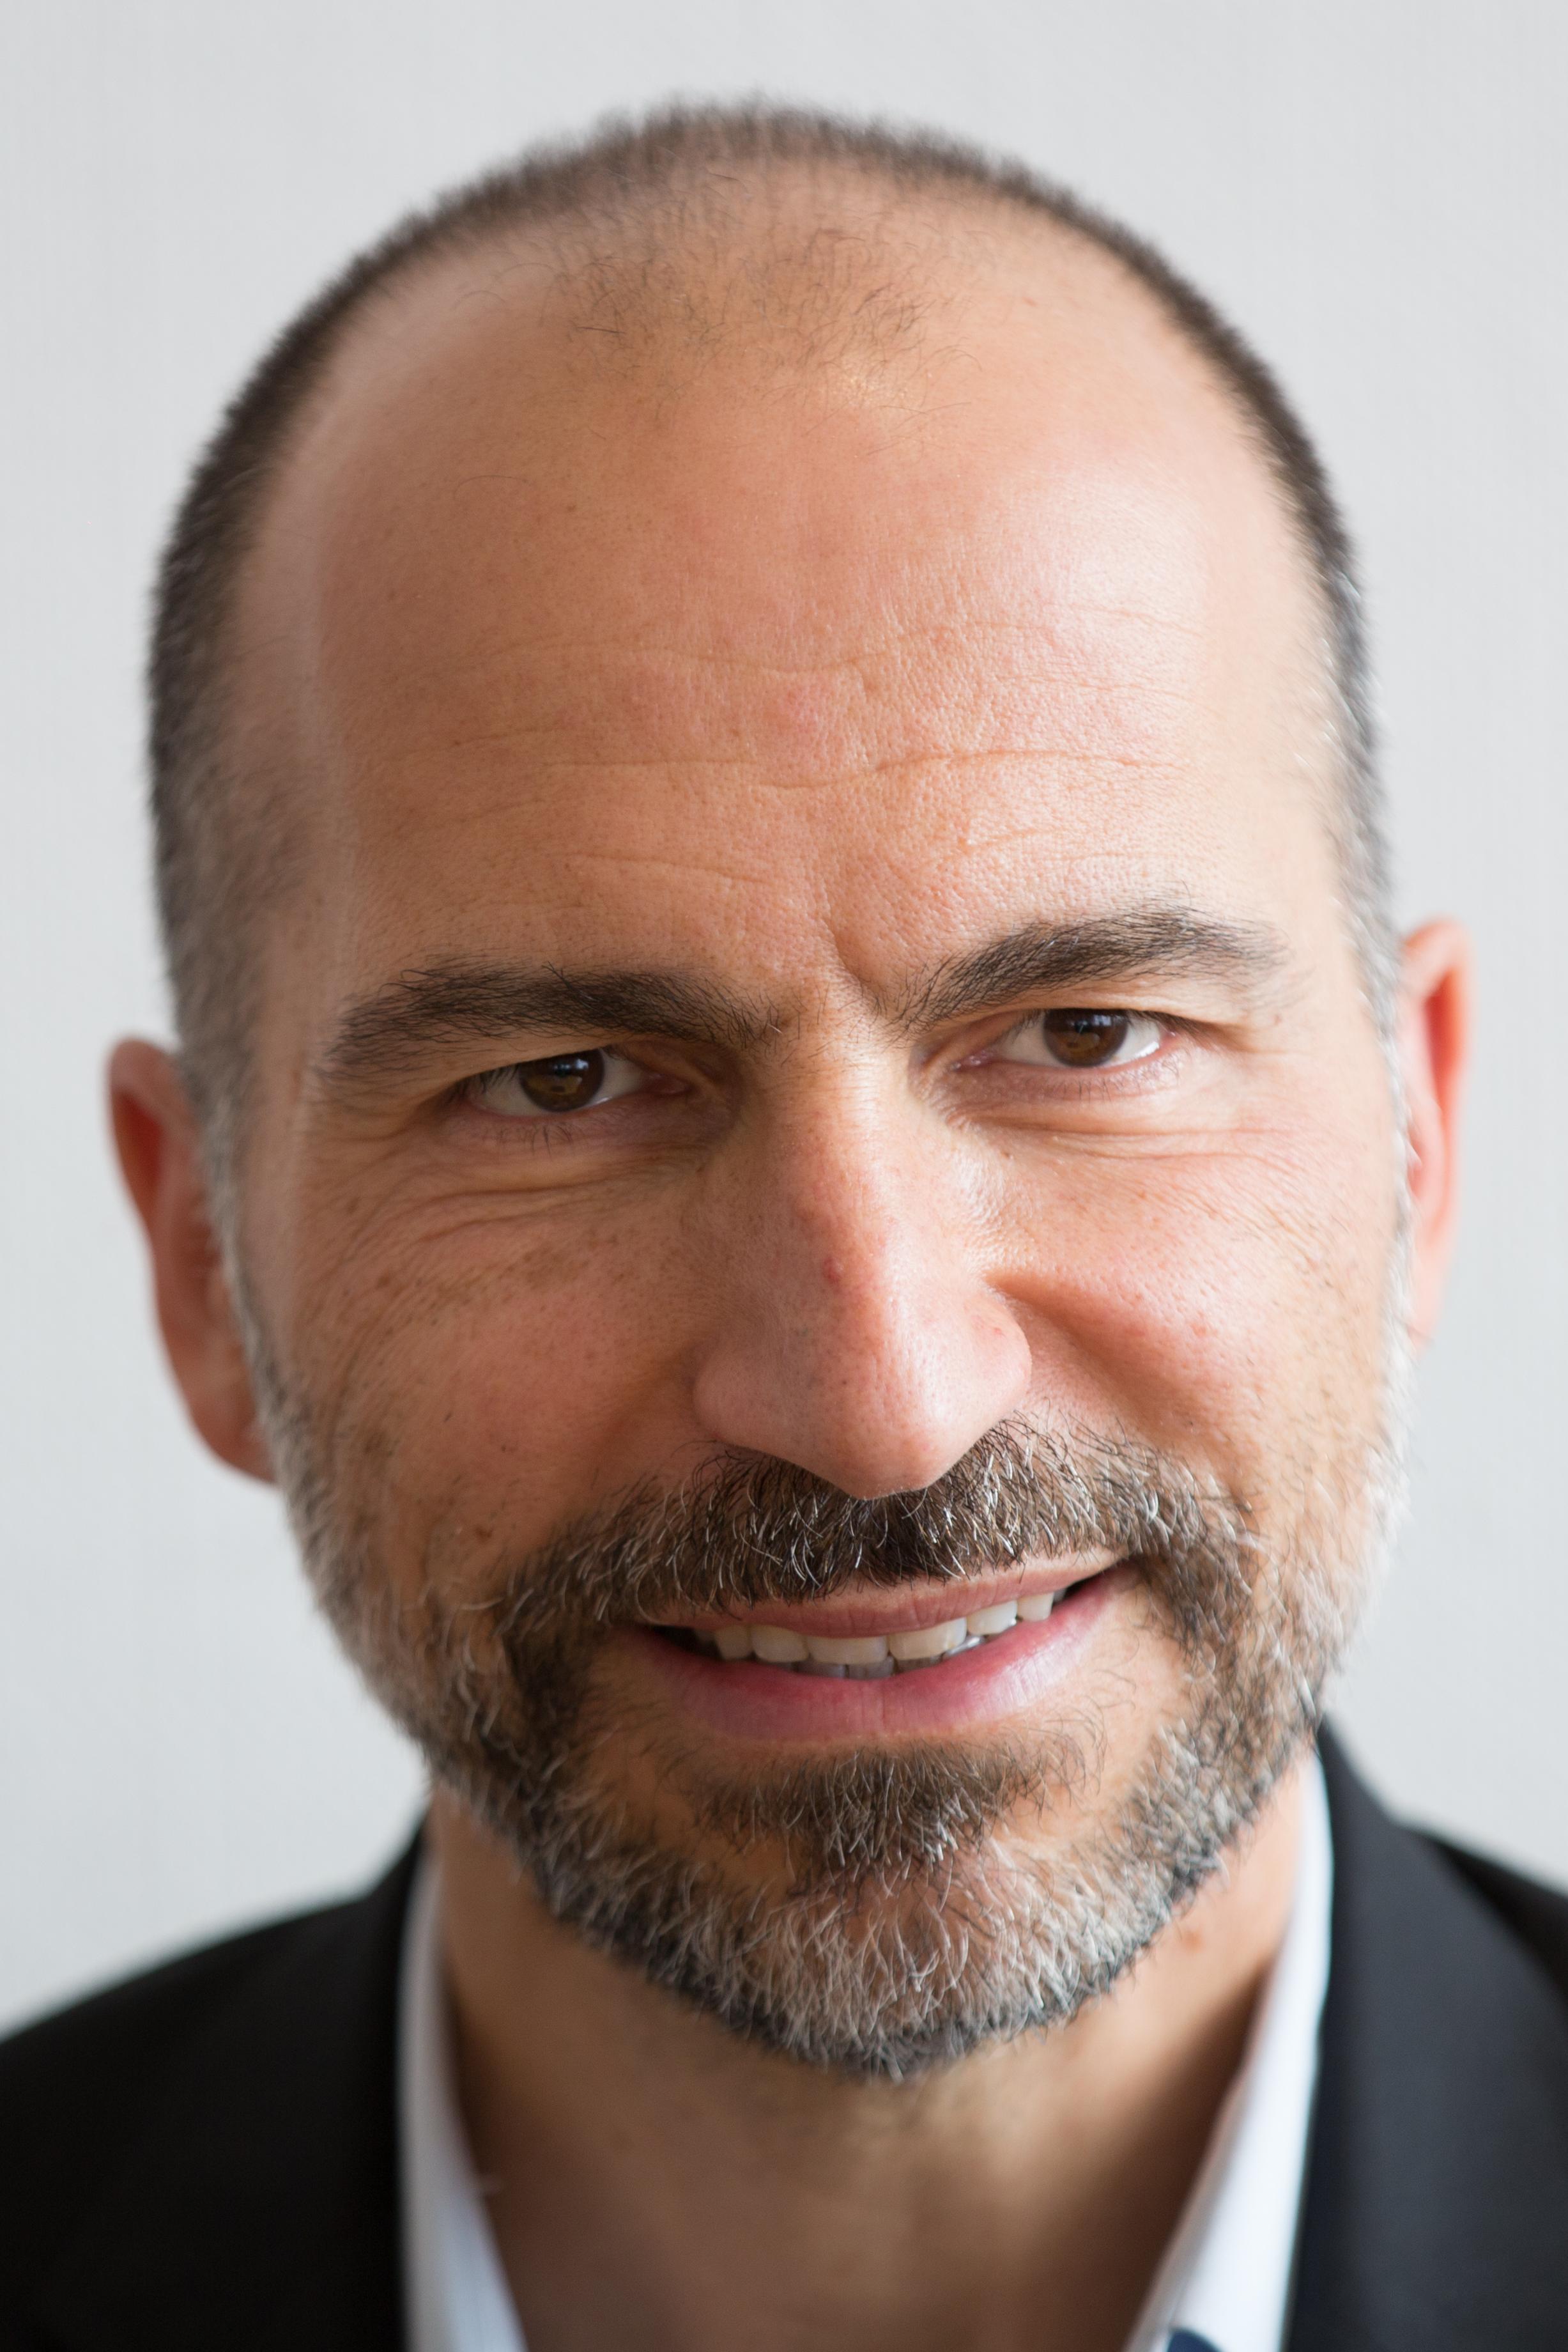 Dara Khosrowshahi - Wikipedia